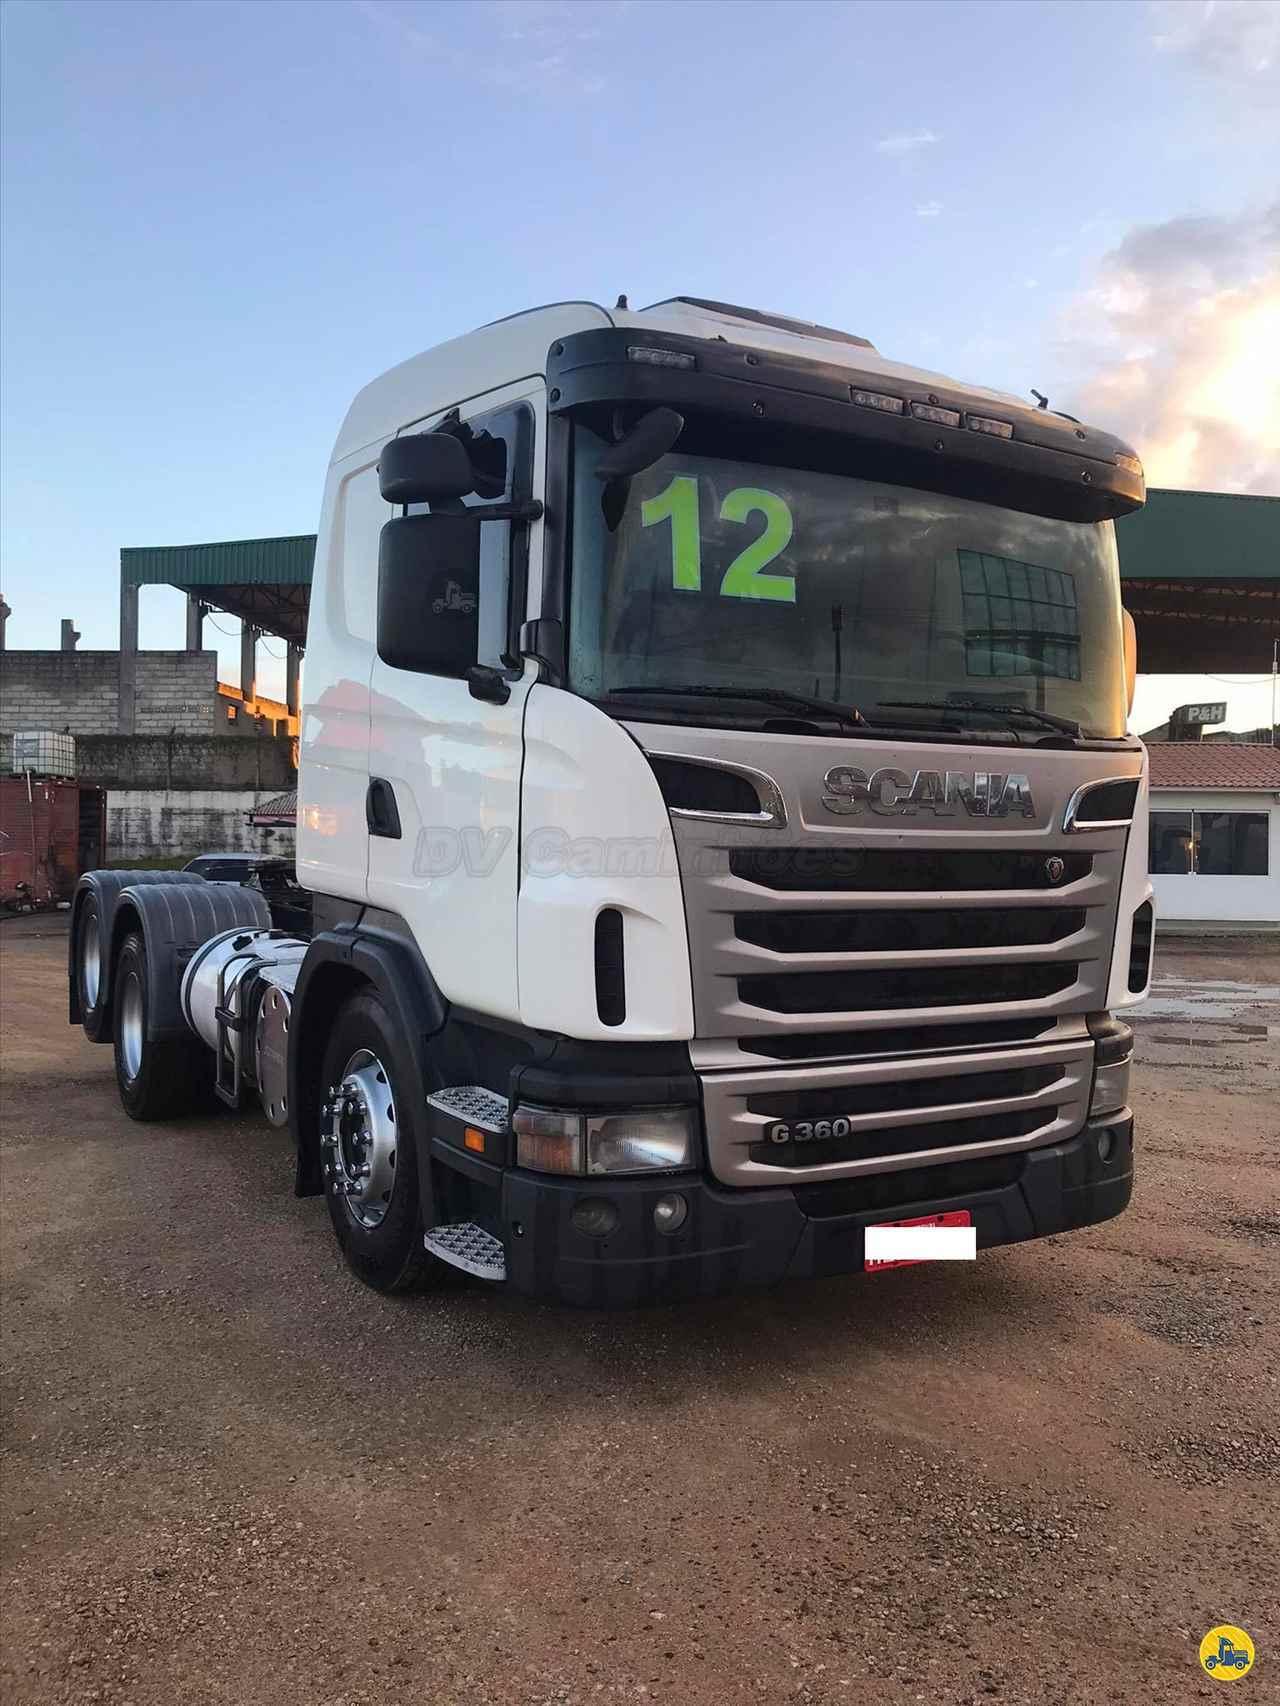 CAMINHAO SCANIA SCANIA 360 Cavalo Mecânico Truck 6x2 DV Caminhões ICARA SANTA CATARINA SC